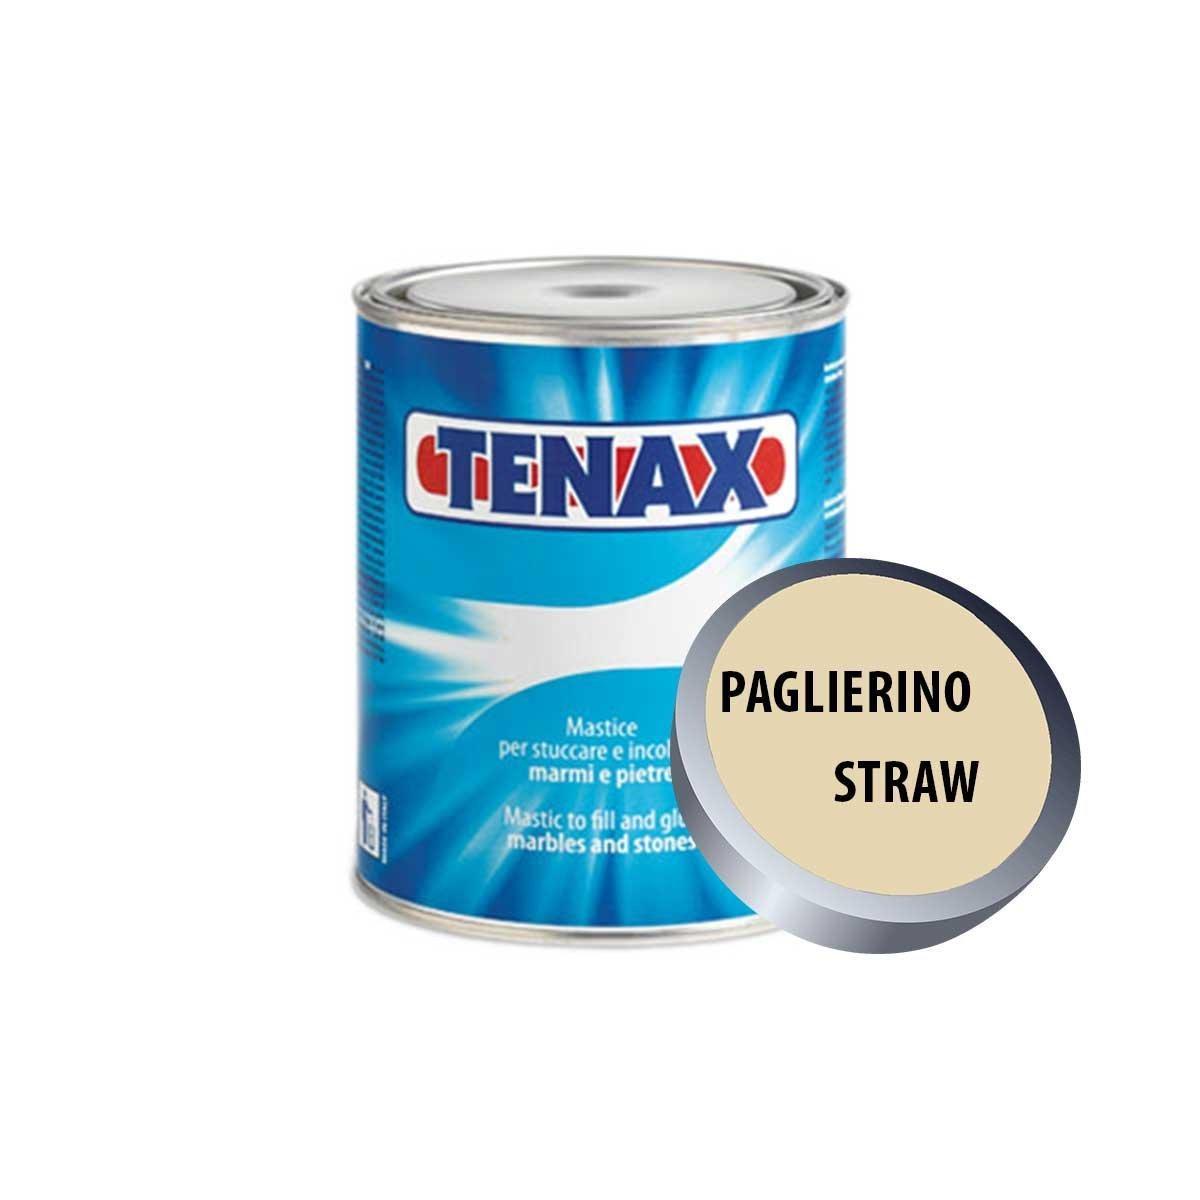 MASTICE PAGLIERINO LIQUIDO TENAX ML.750